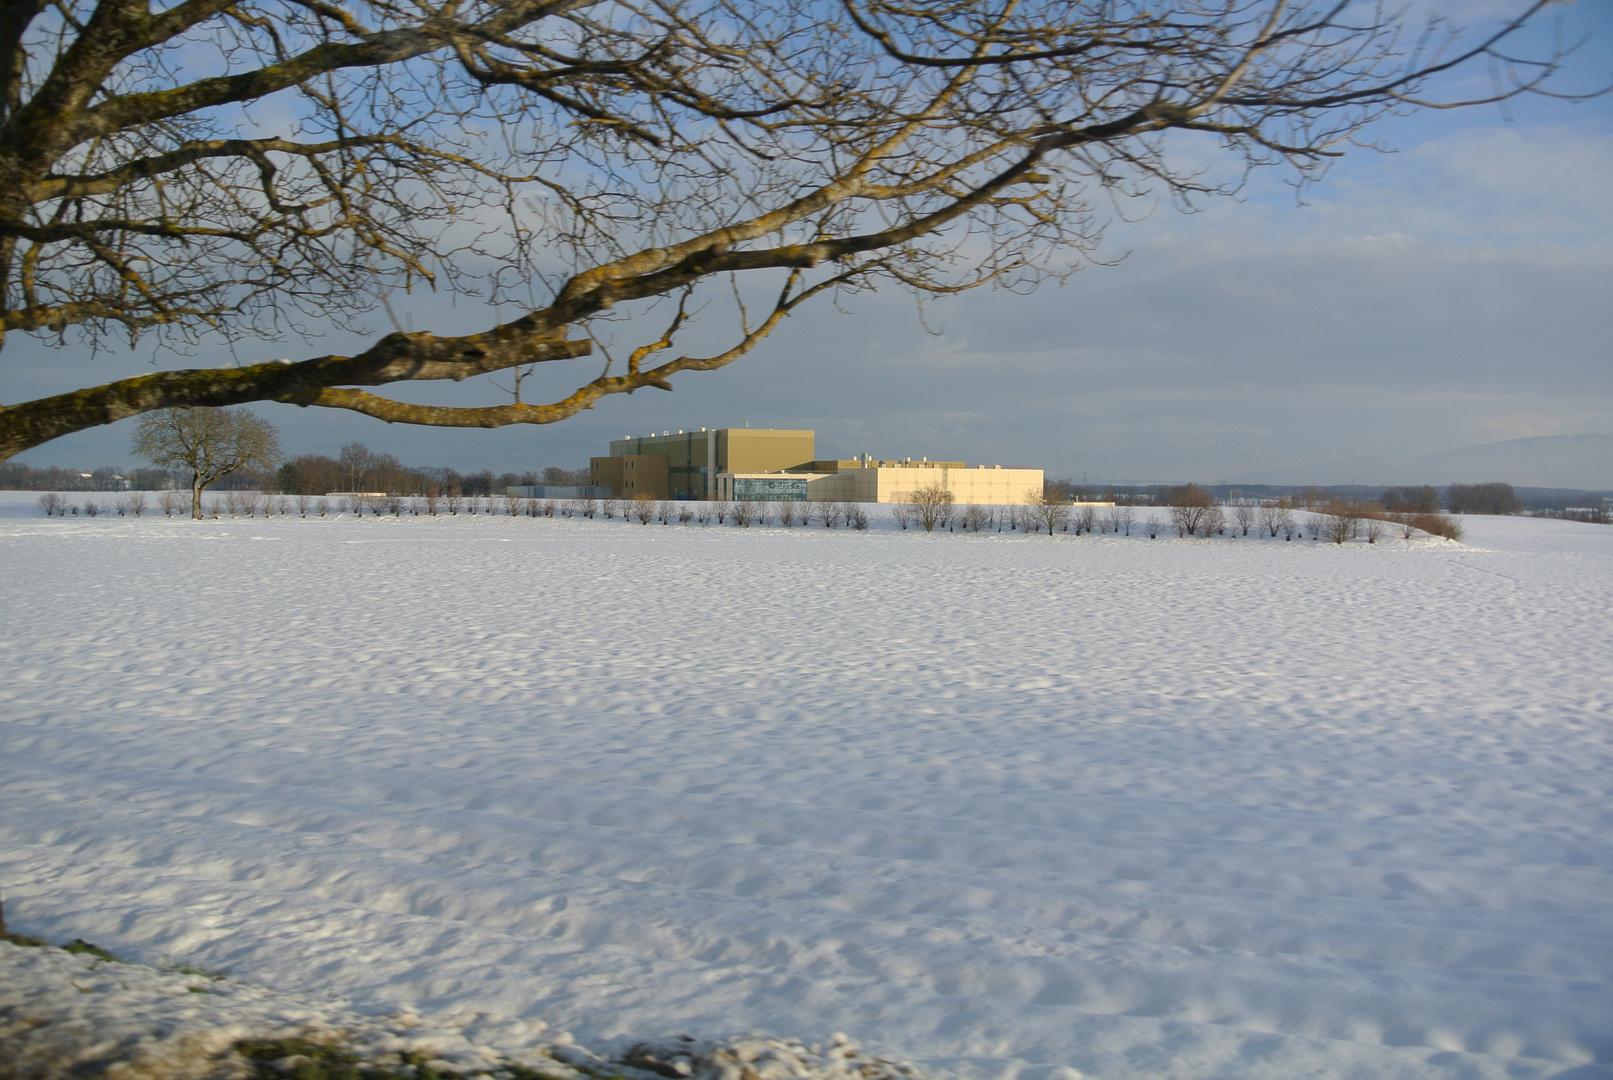 Die Gebäude des CMS Projekts in der Winterlandschaft